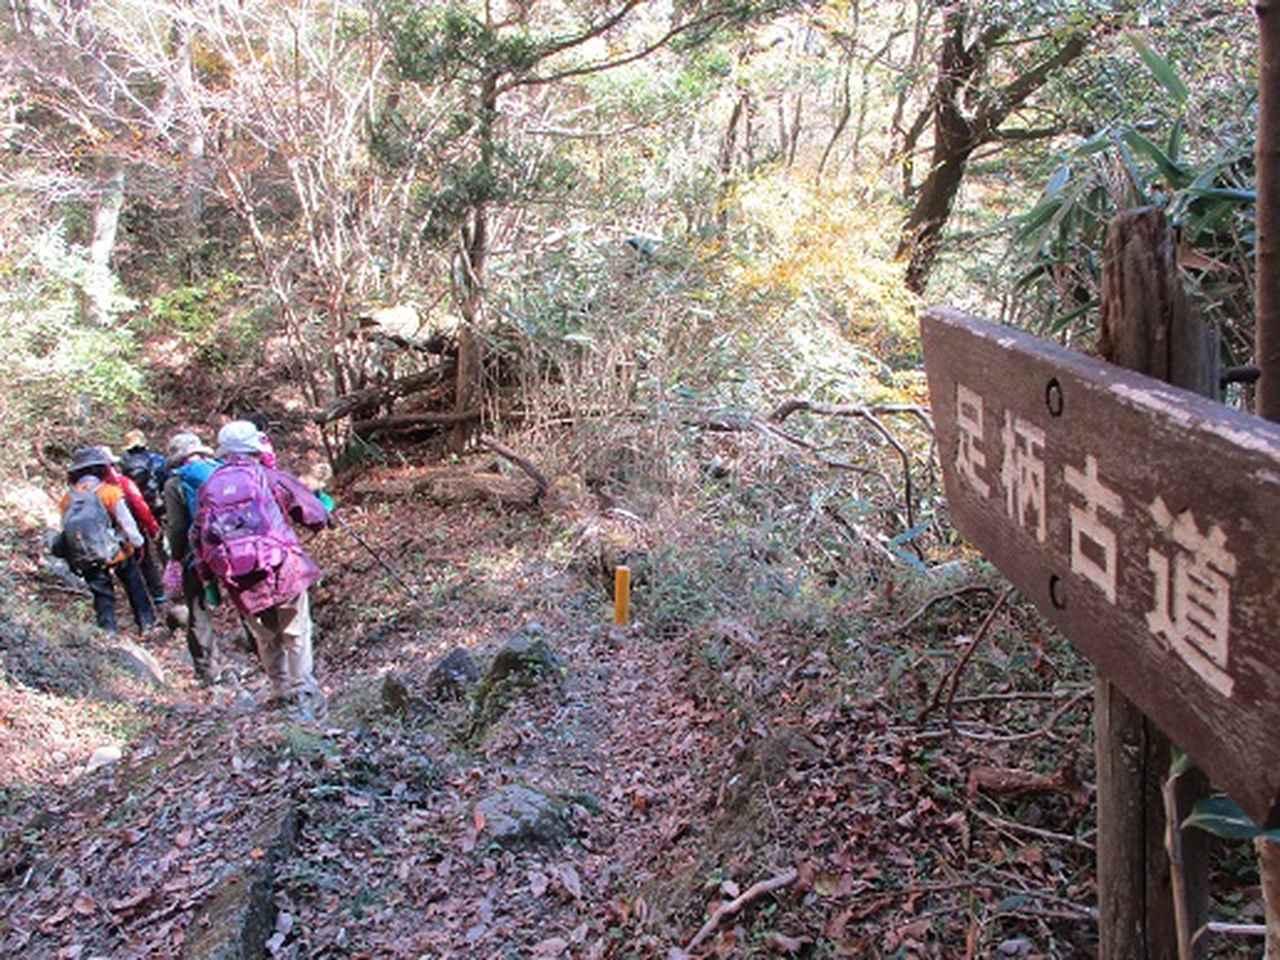 画像12: 【山旅会・登山ガイドこだわりツアー】添乗員からの便り矢倉岳ツアーにいってまいりました!